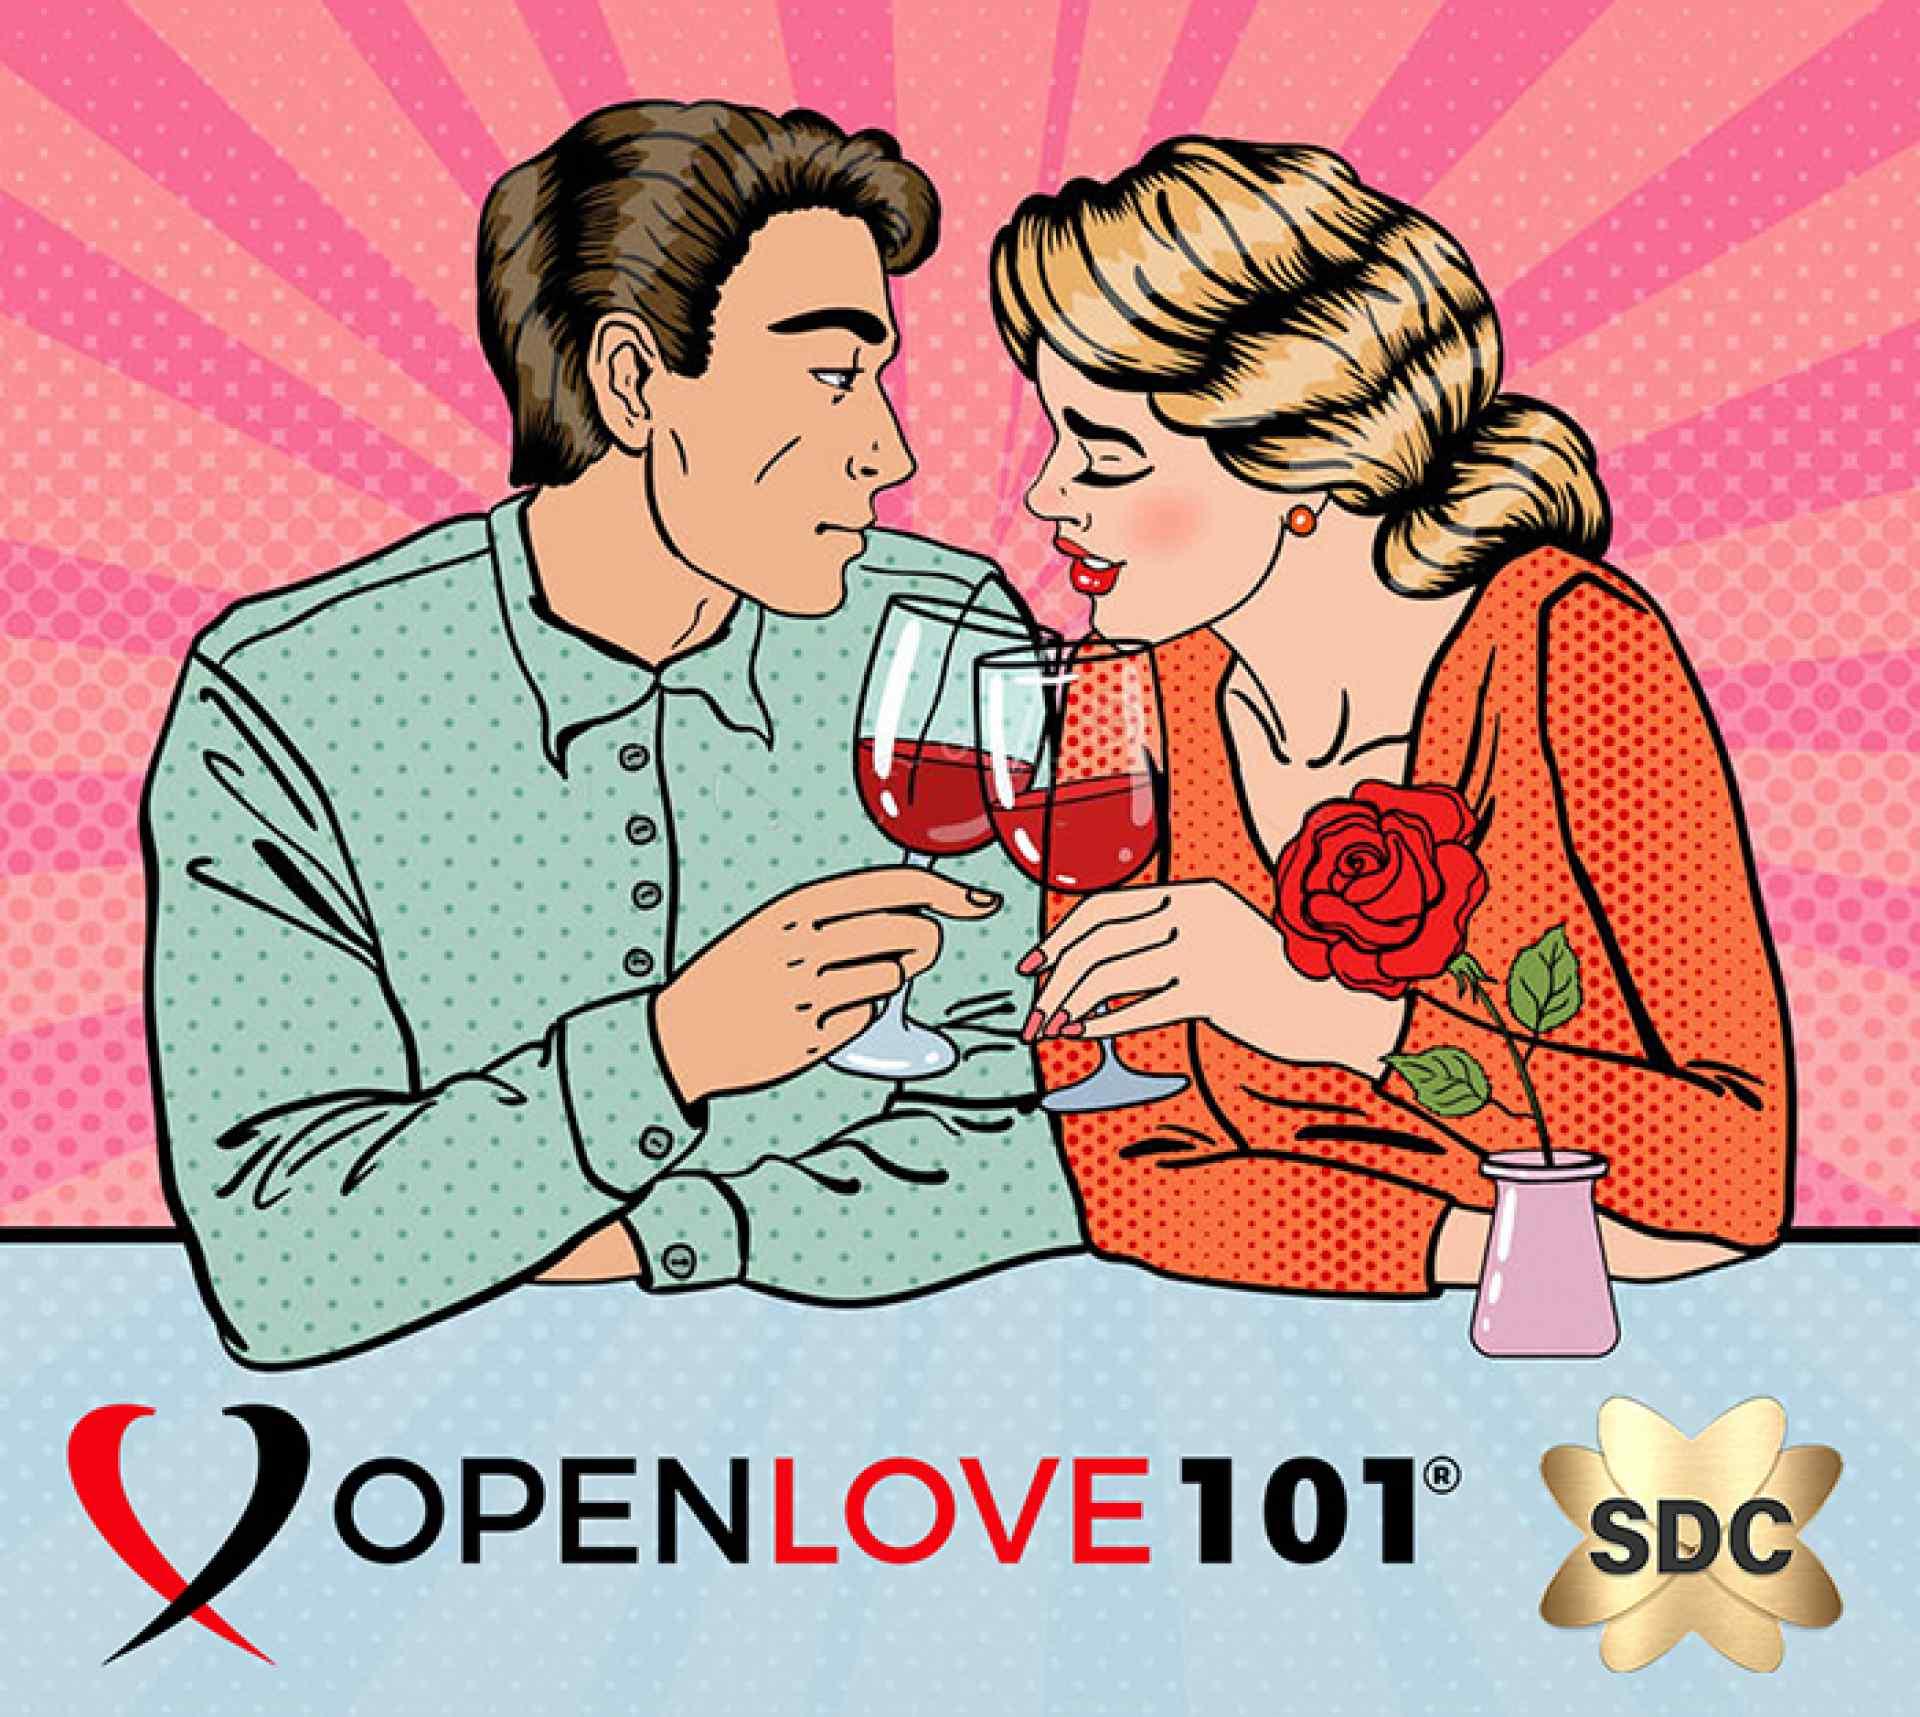 Openlove 101 Guide du club de style de vie pour débutants SDC